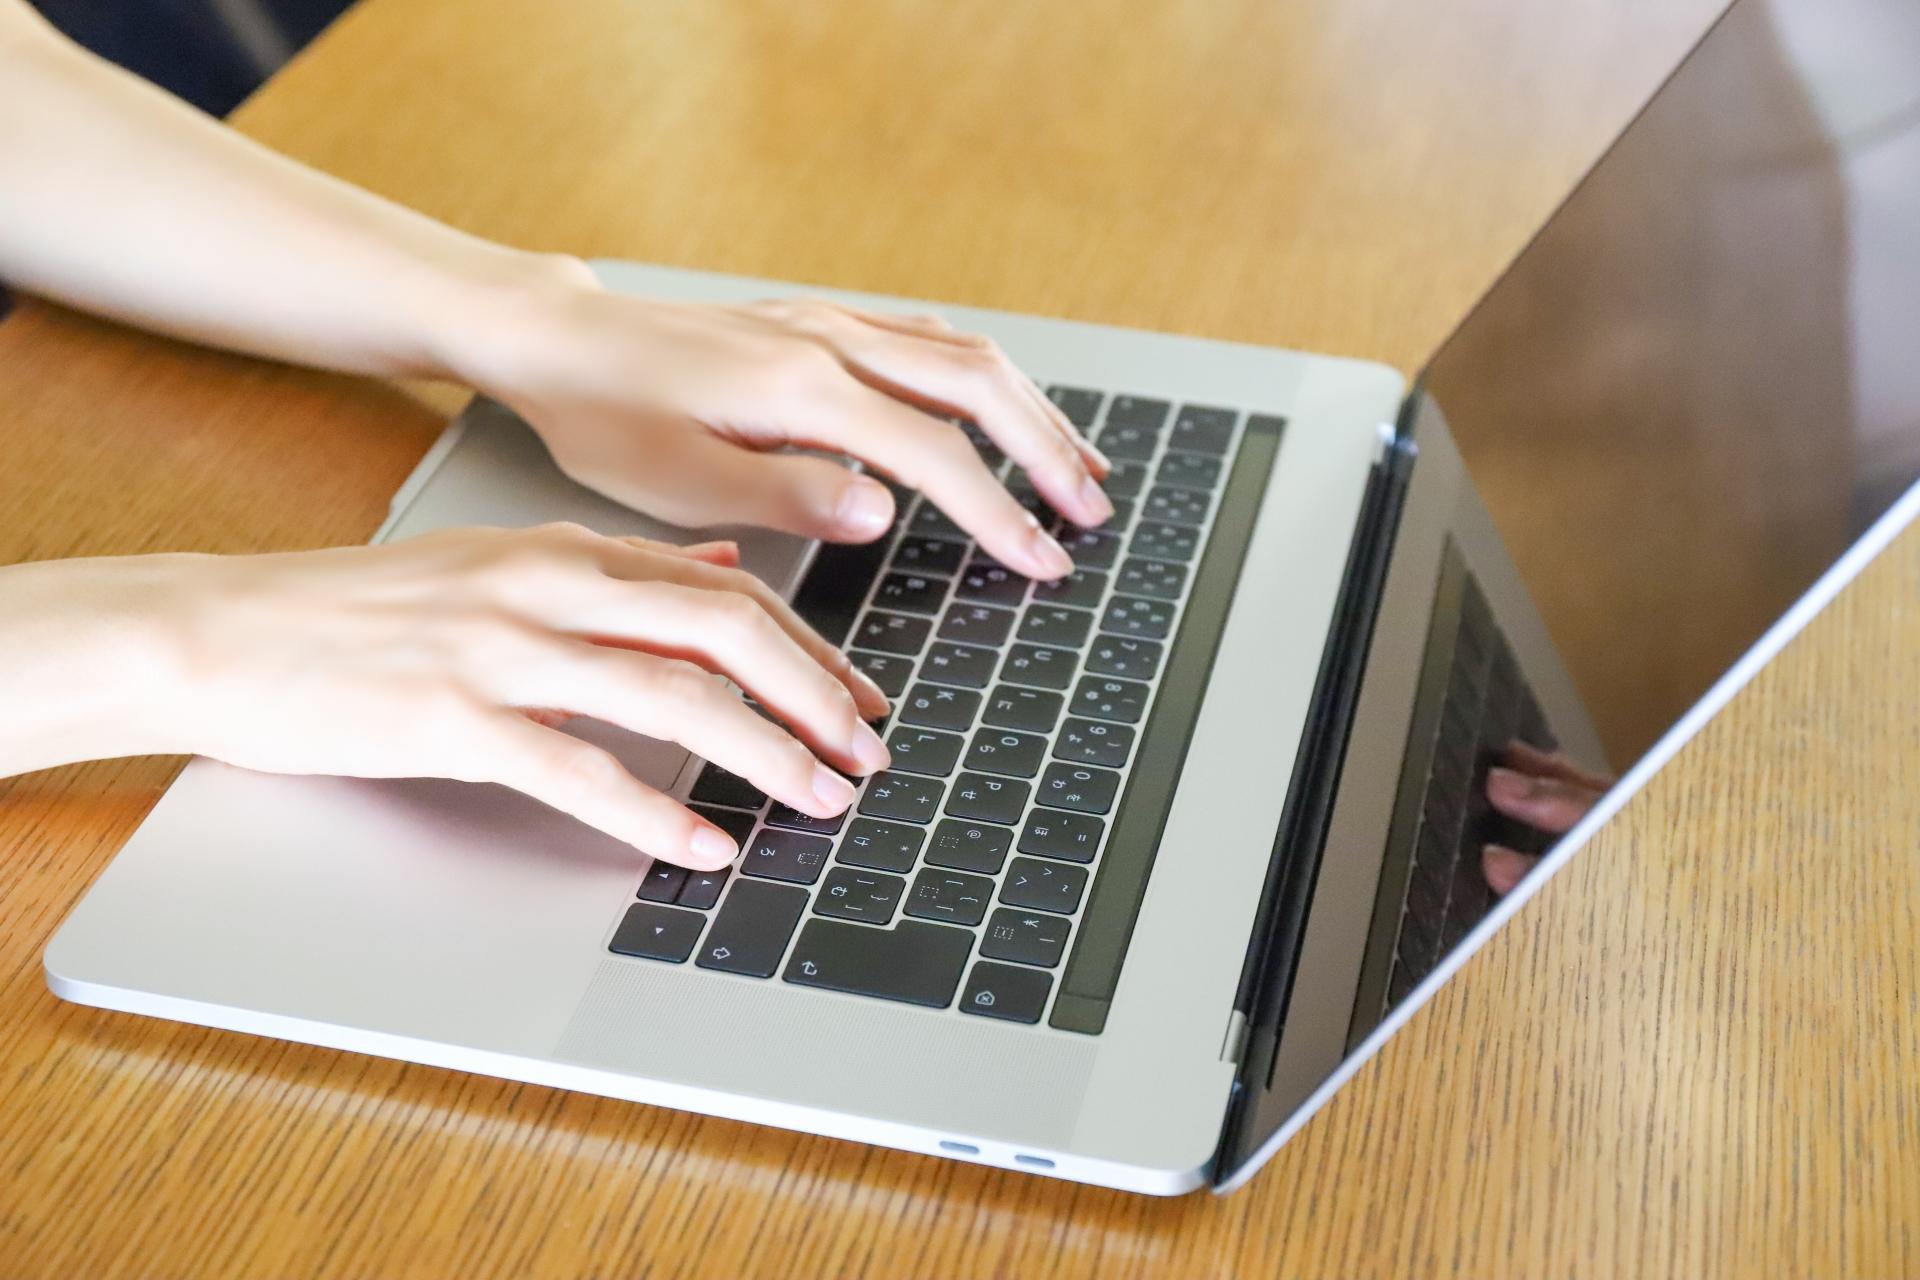 障害者雇用の『基本的なパソコンスキル』とは。基準や必要な資格はある?